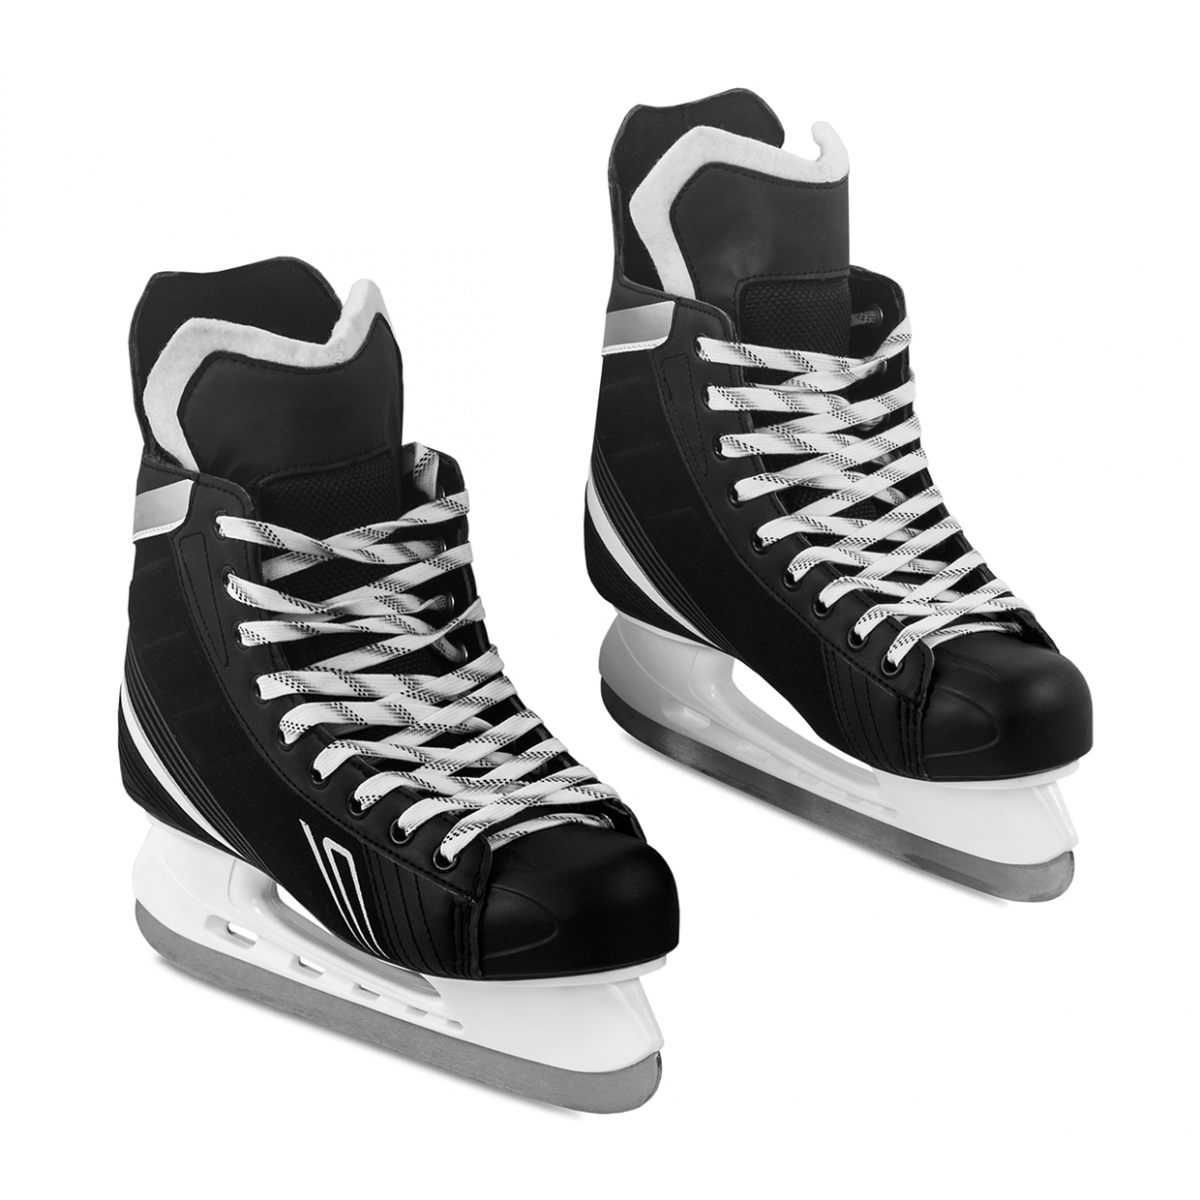 Imagen en la que se ven un par de patines de hielo